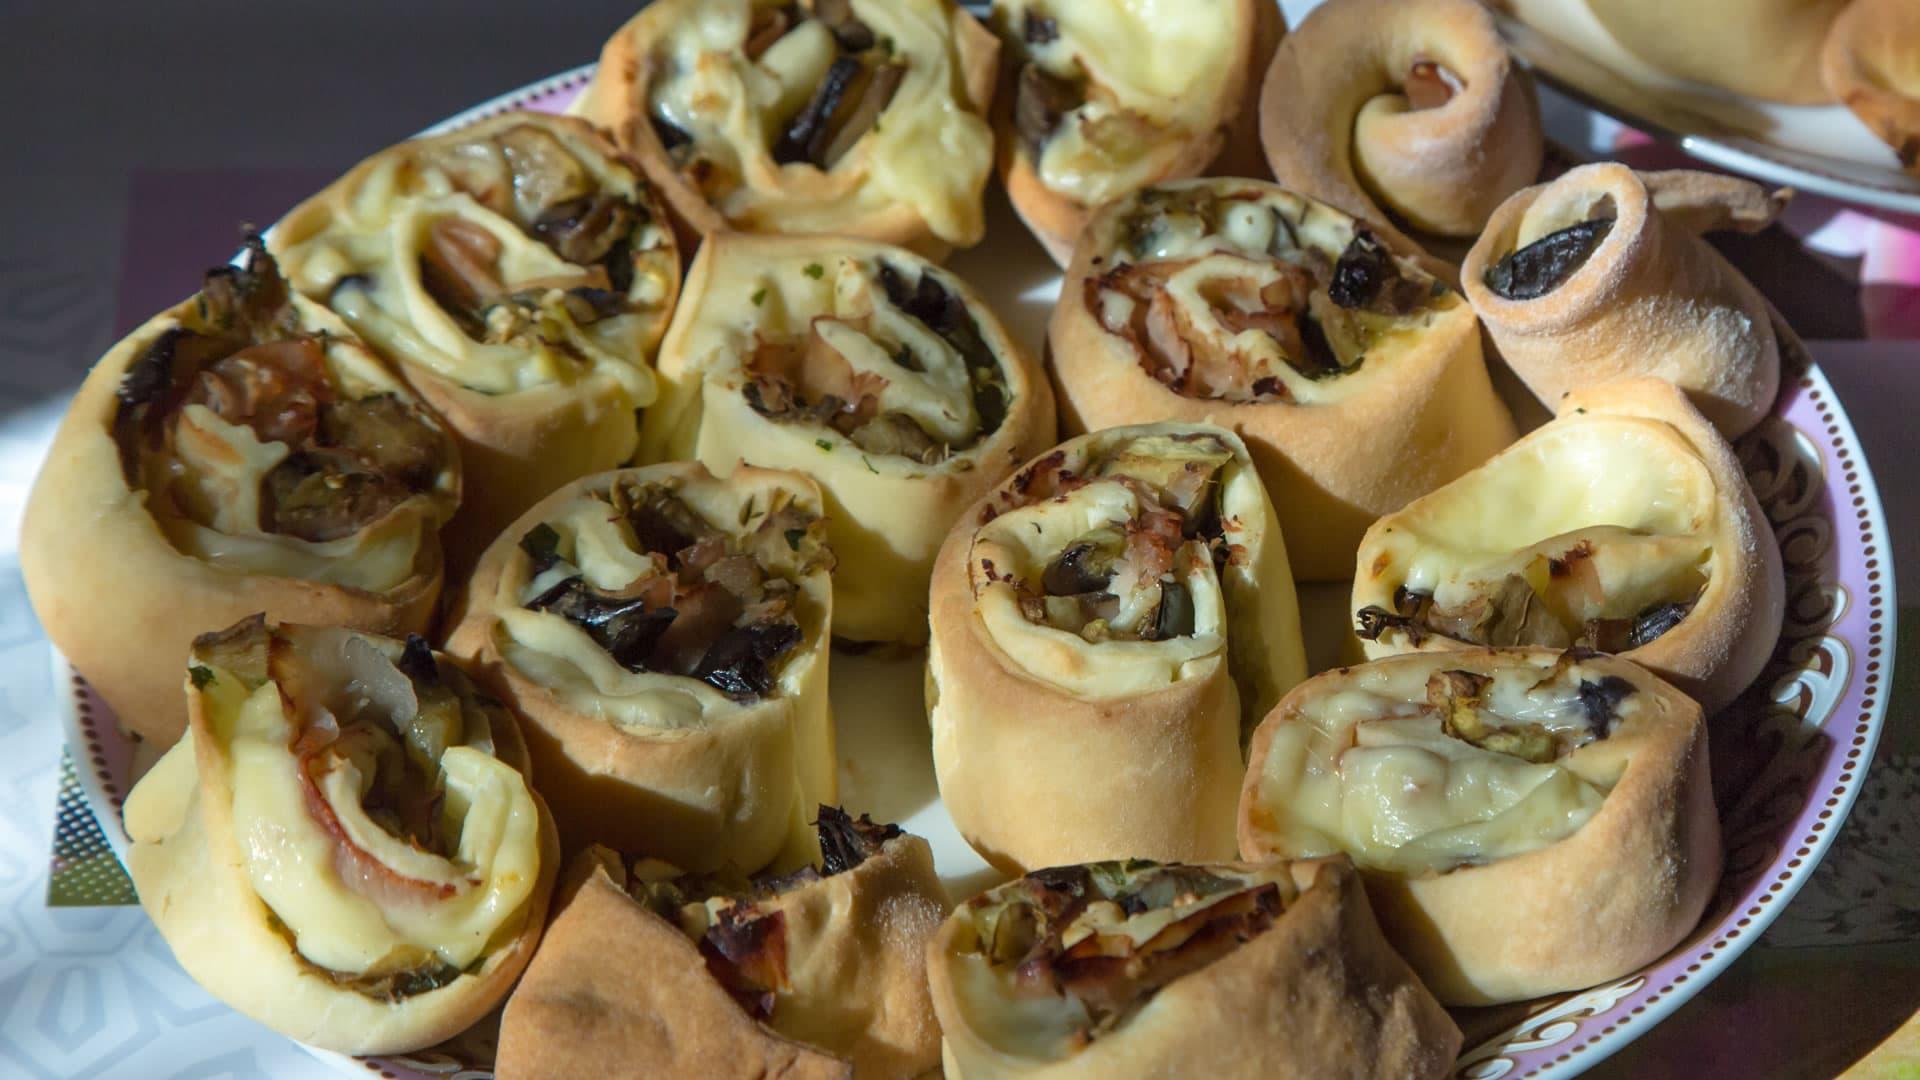 Foto Girelle Salate alla Ricotta con Melanzane Filanti - Senza Uova e Burro